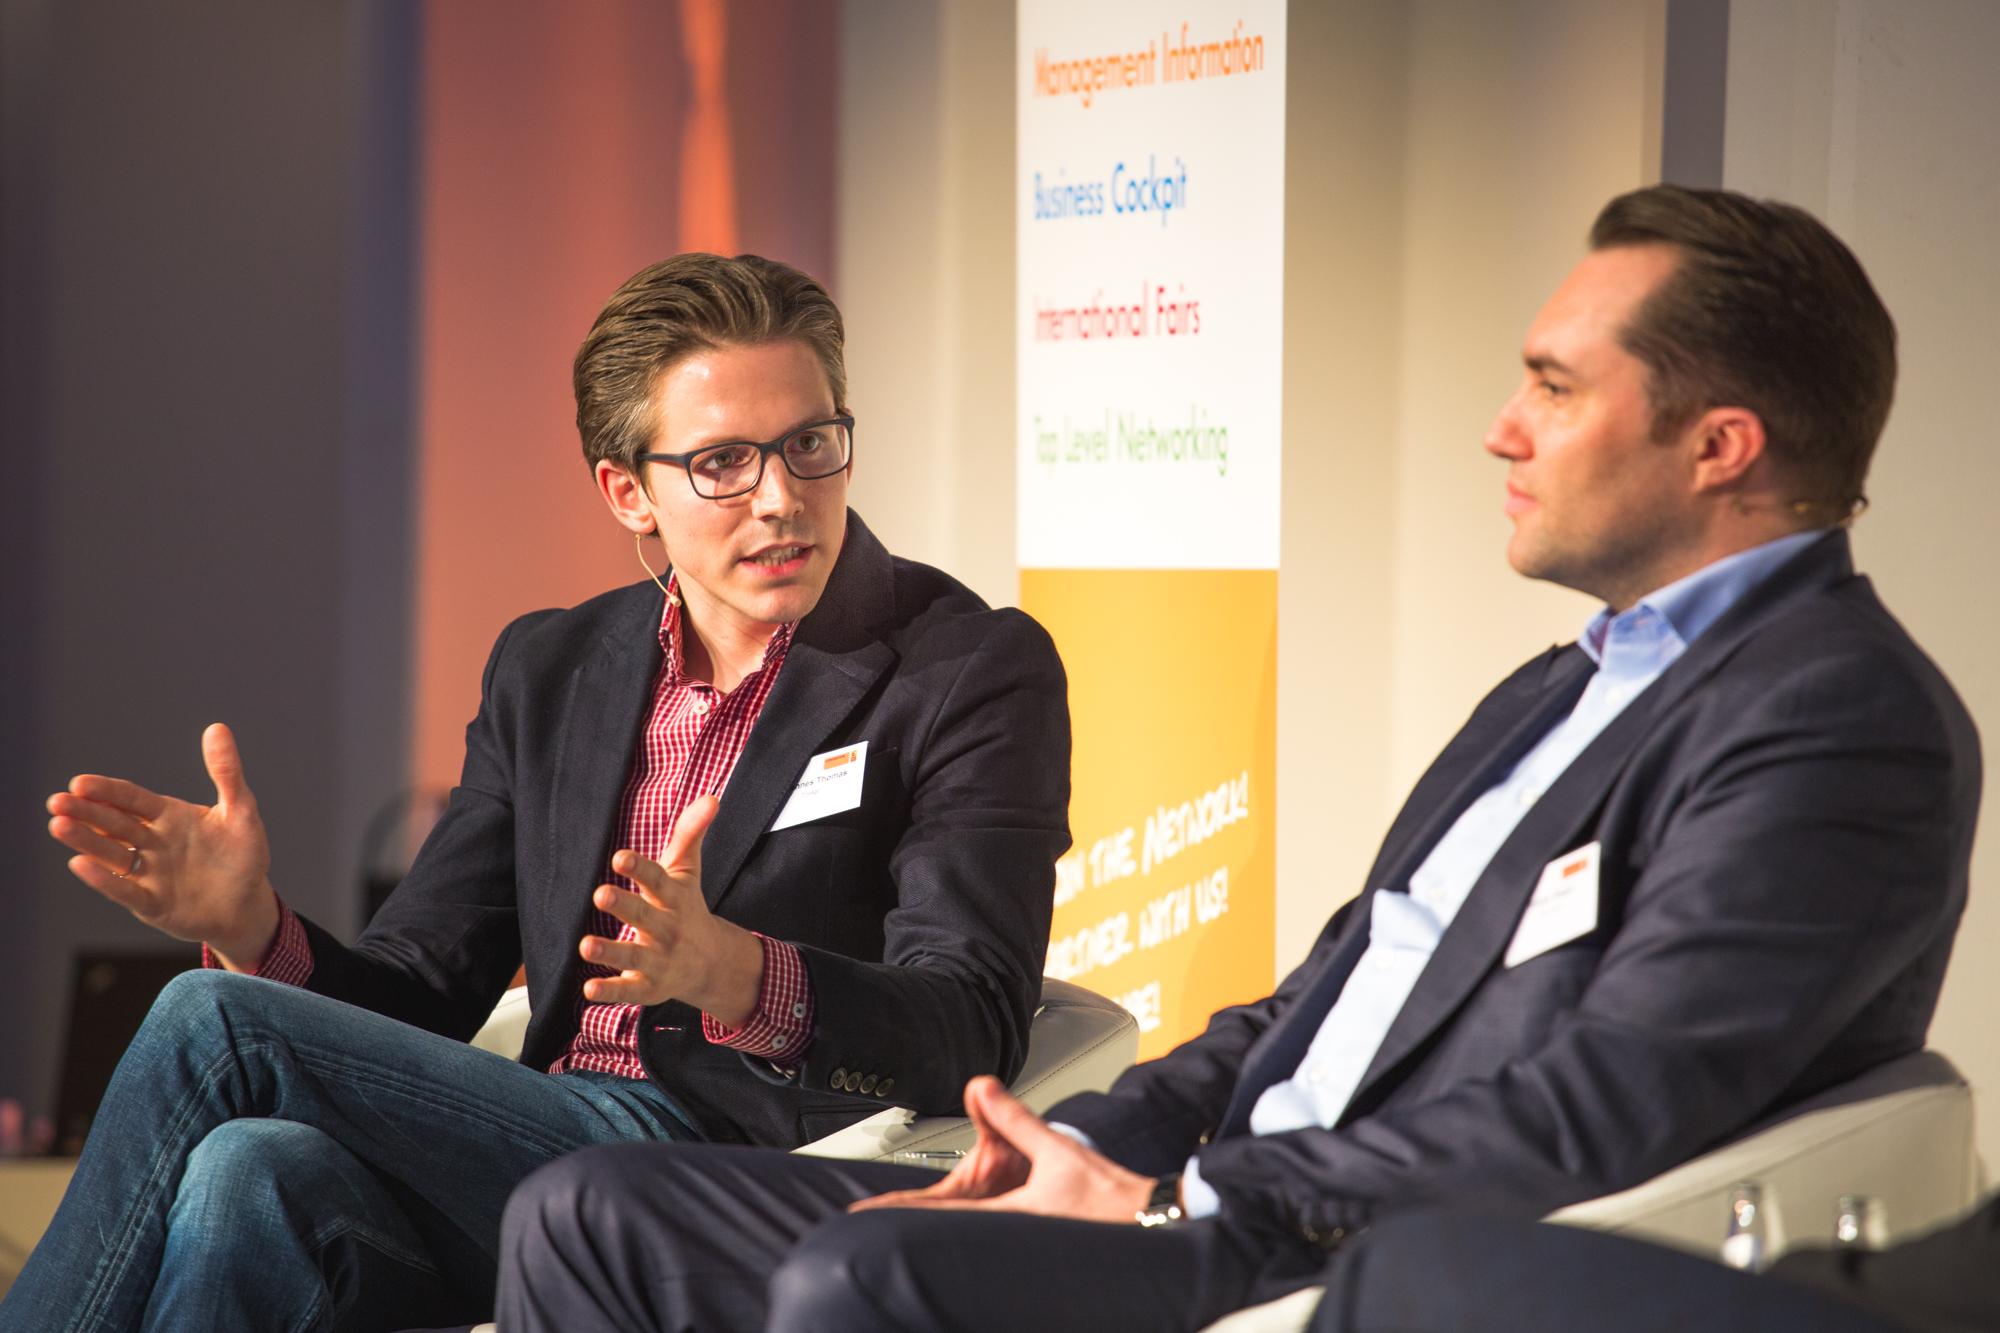 Johannes Thomas conversando com Tobias Ragge sobre os benefícios dos metabuscadores durante a ITB Berlin